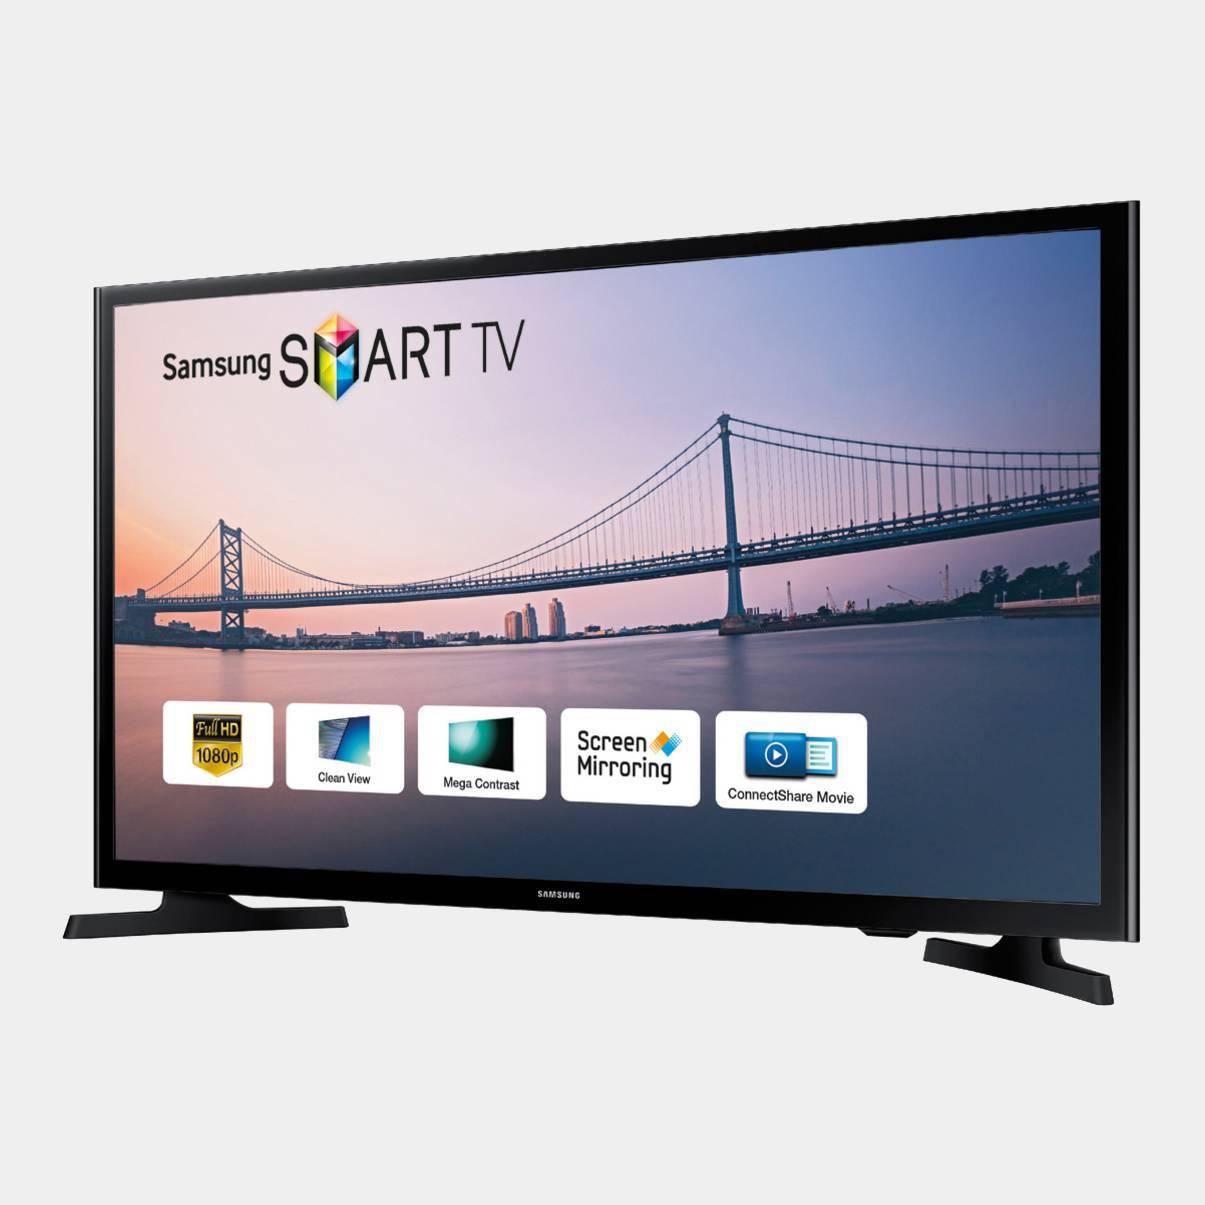 televisor samsung ue32j5200 200hz full hd smart tv. Black Bedroom Furniture Sets. Home Design Ideas